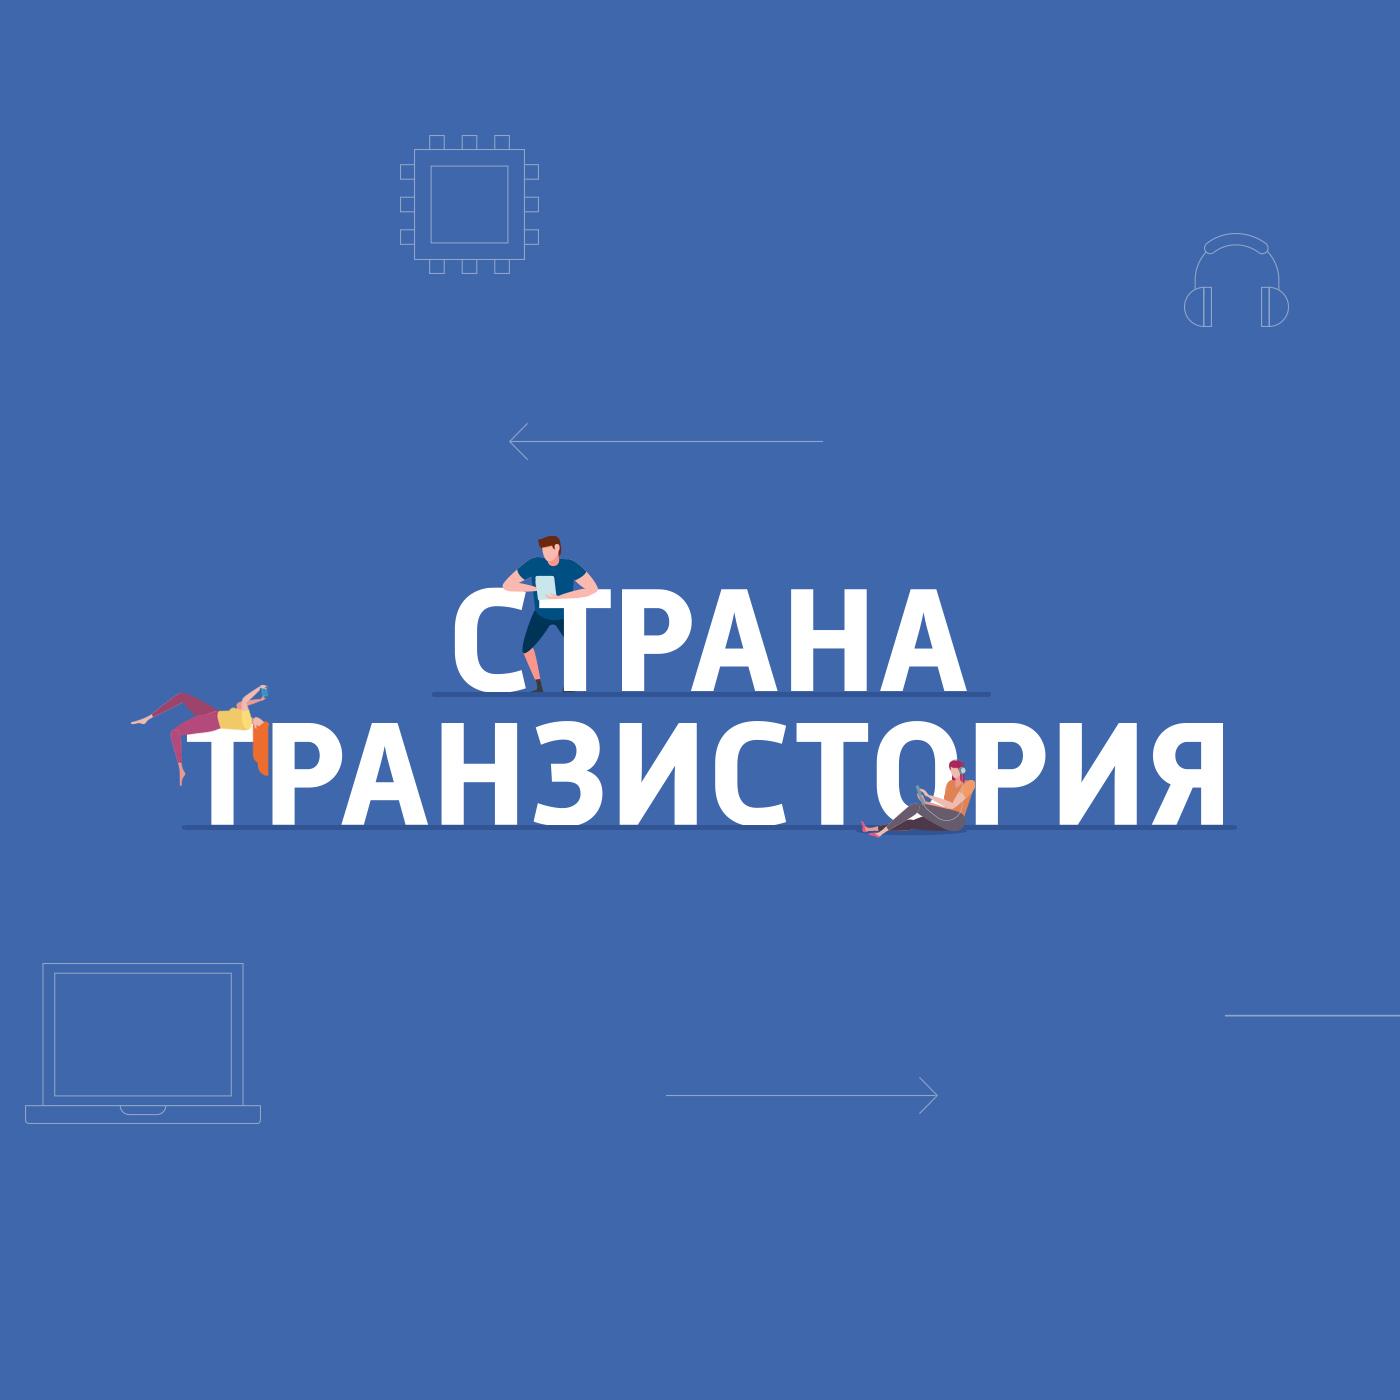 Картаев Павел Google работает над приложением Personal Safety, распознающим автокатастрофы компьютер